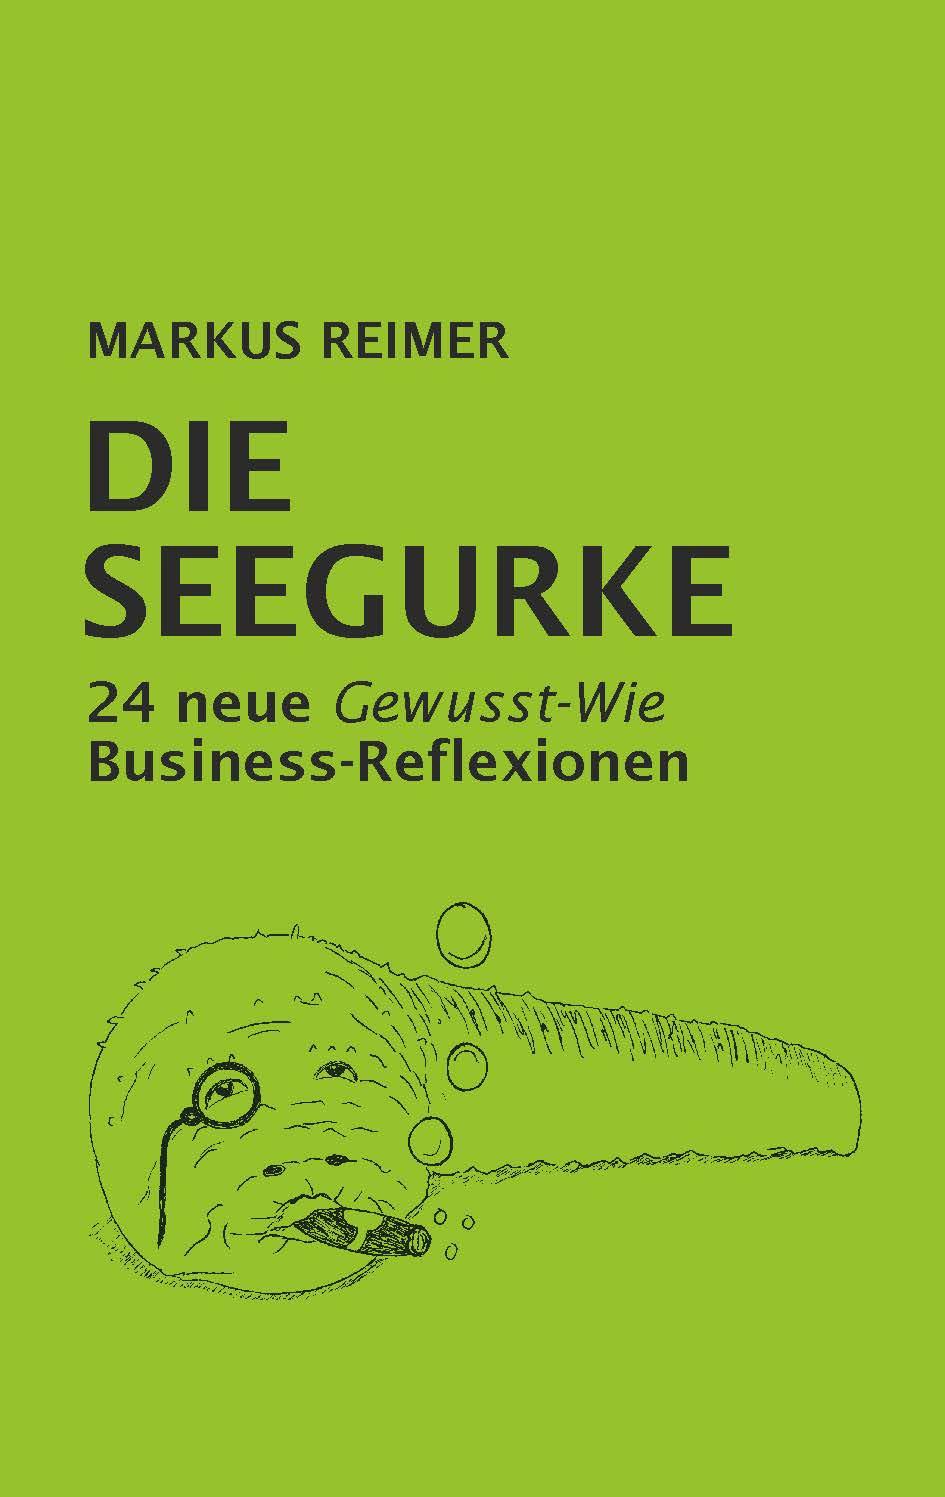 Expert Marketplace - Dr. Markus Reimer  - Die Seegurke - 24 neue Gewusst-Wie Business-Reflexionen (Ab Herbst 2020)